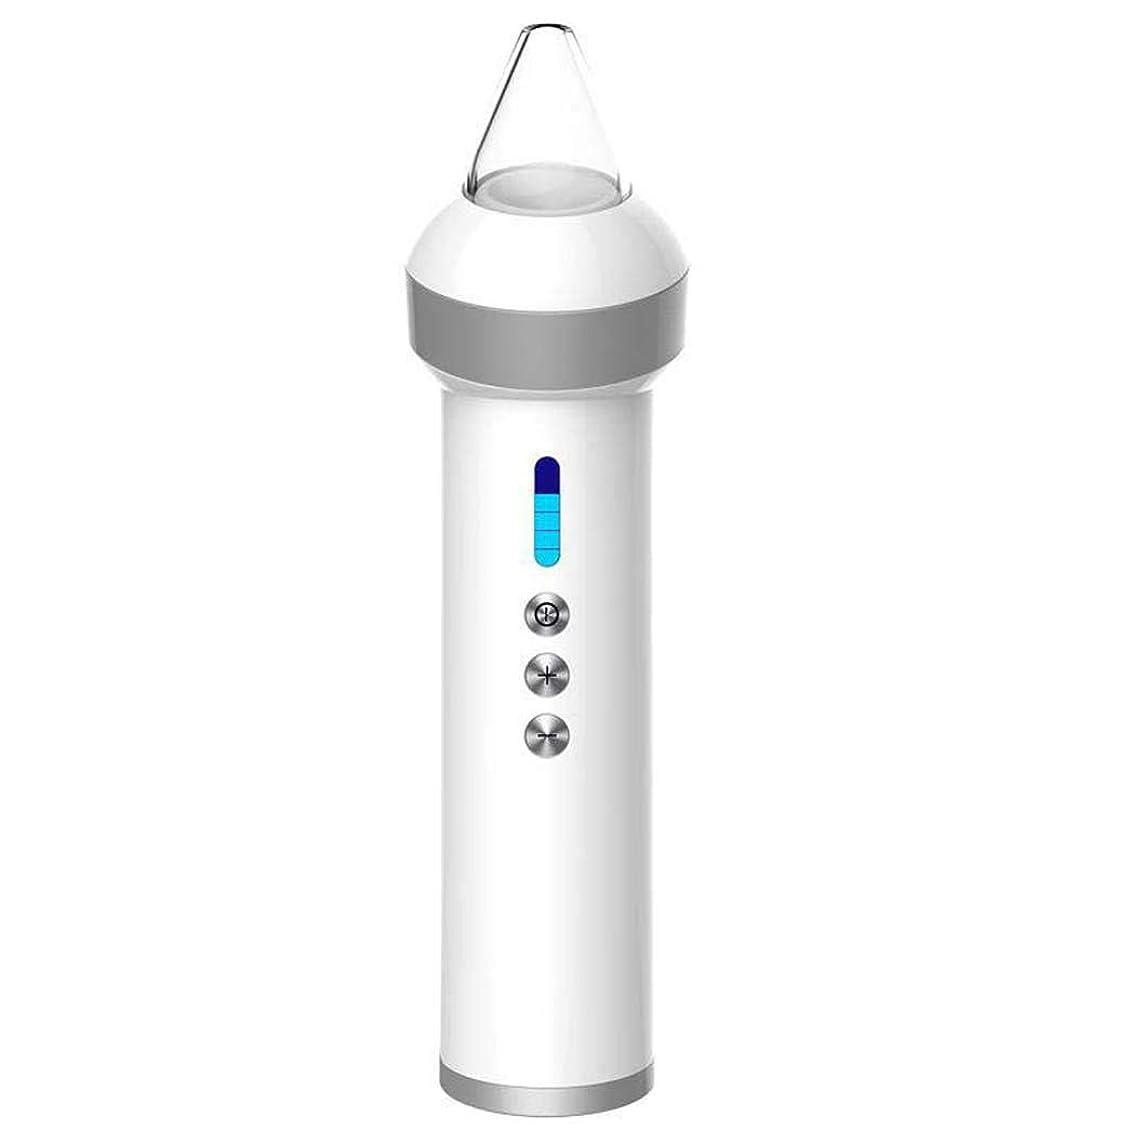 呼び起こすカスタム不快電気にきび楽器電気にきびにきび抽出器USB充電式電気皮膚毛穴クレンザー